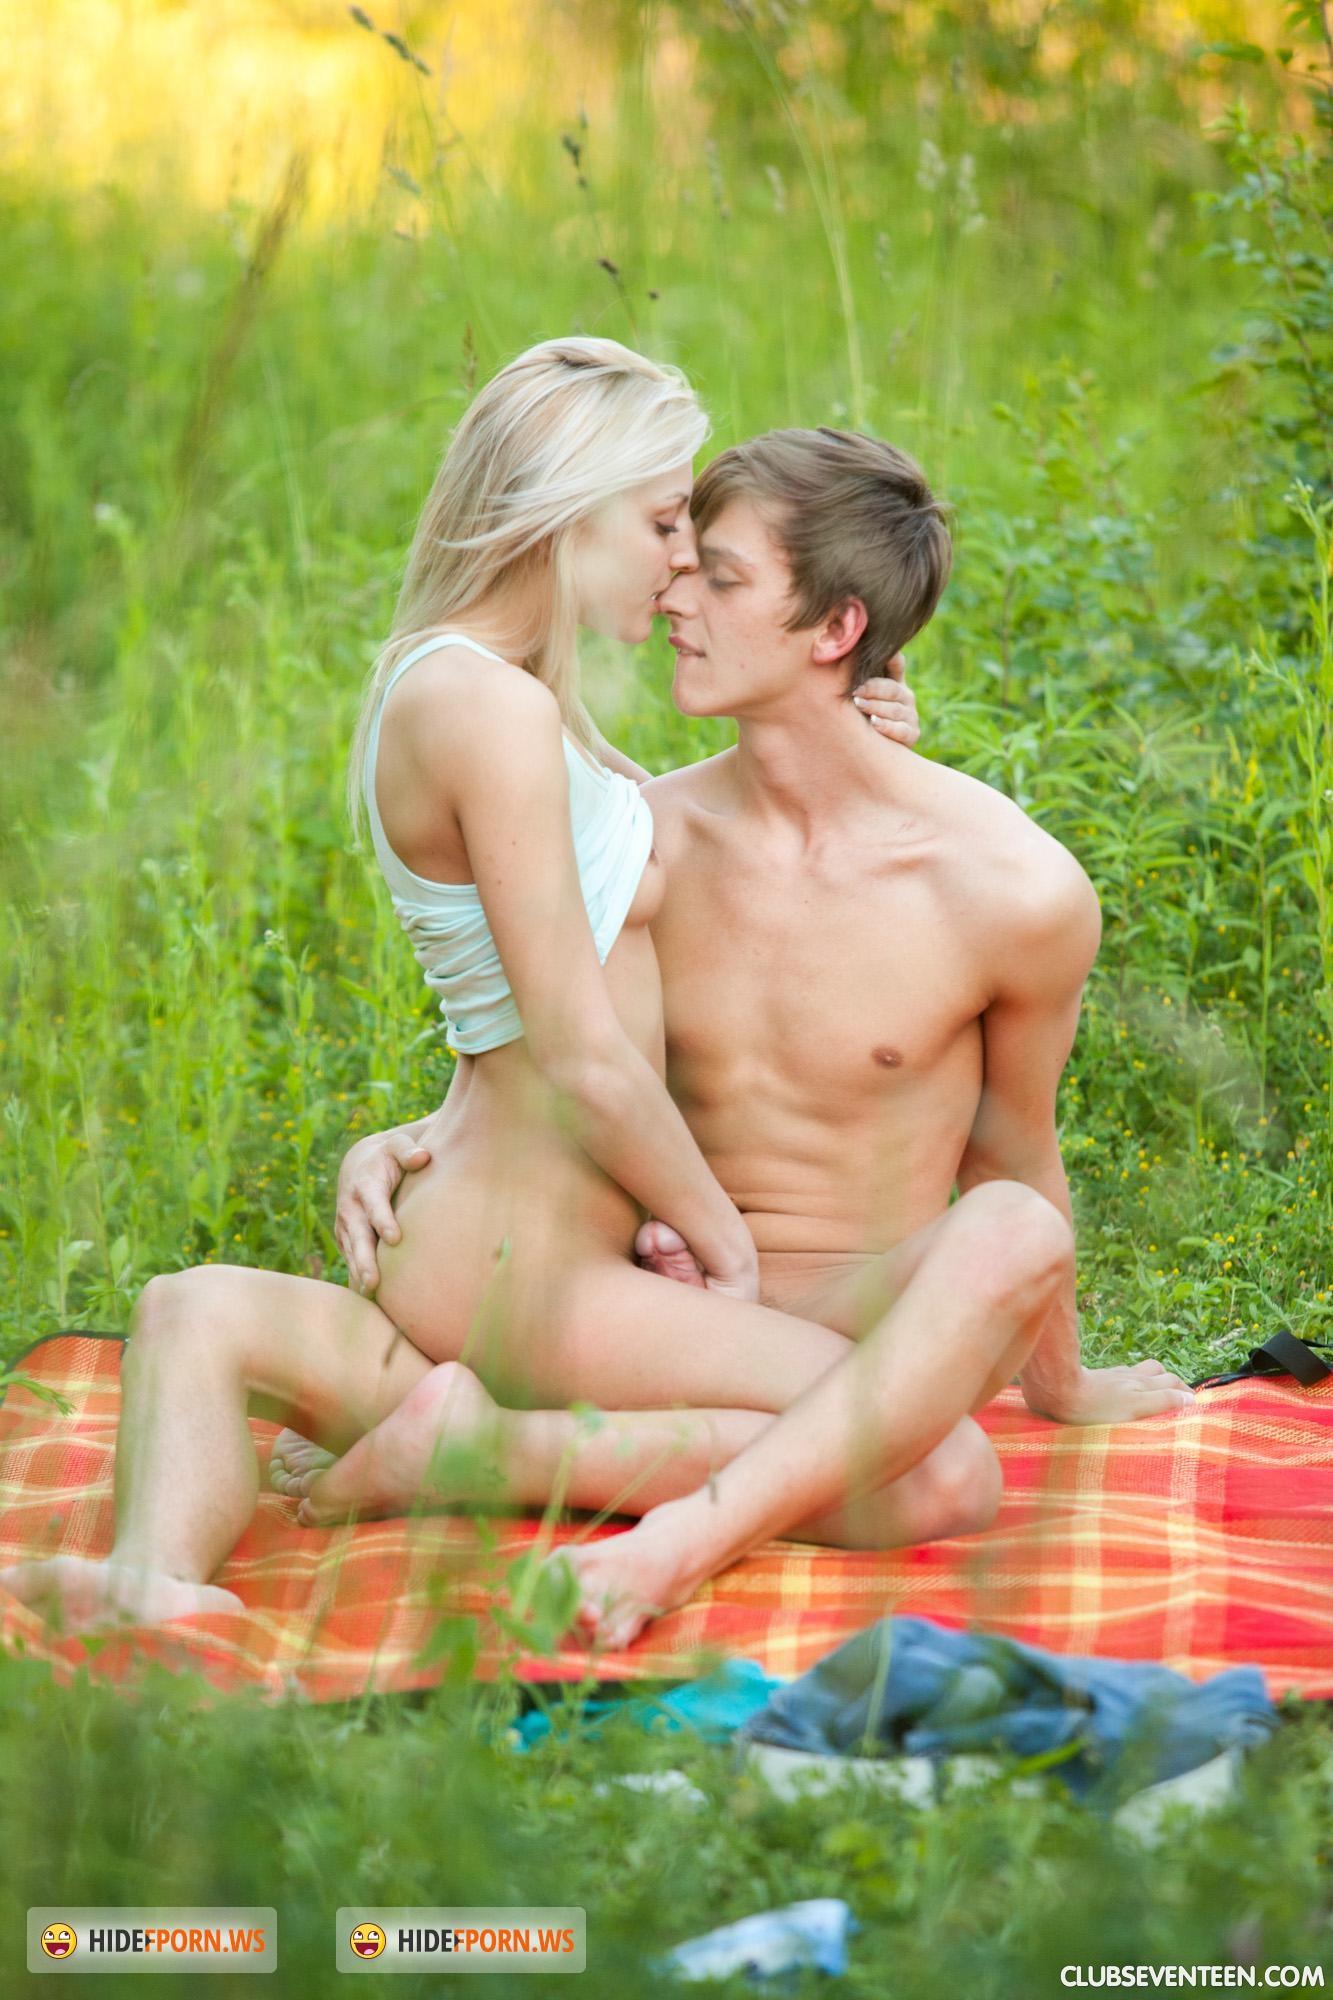 Секси малышки смотреть бесплатно 22 фотография